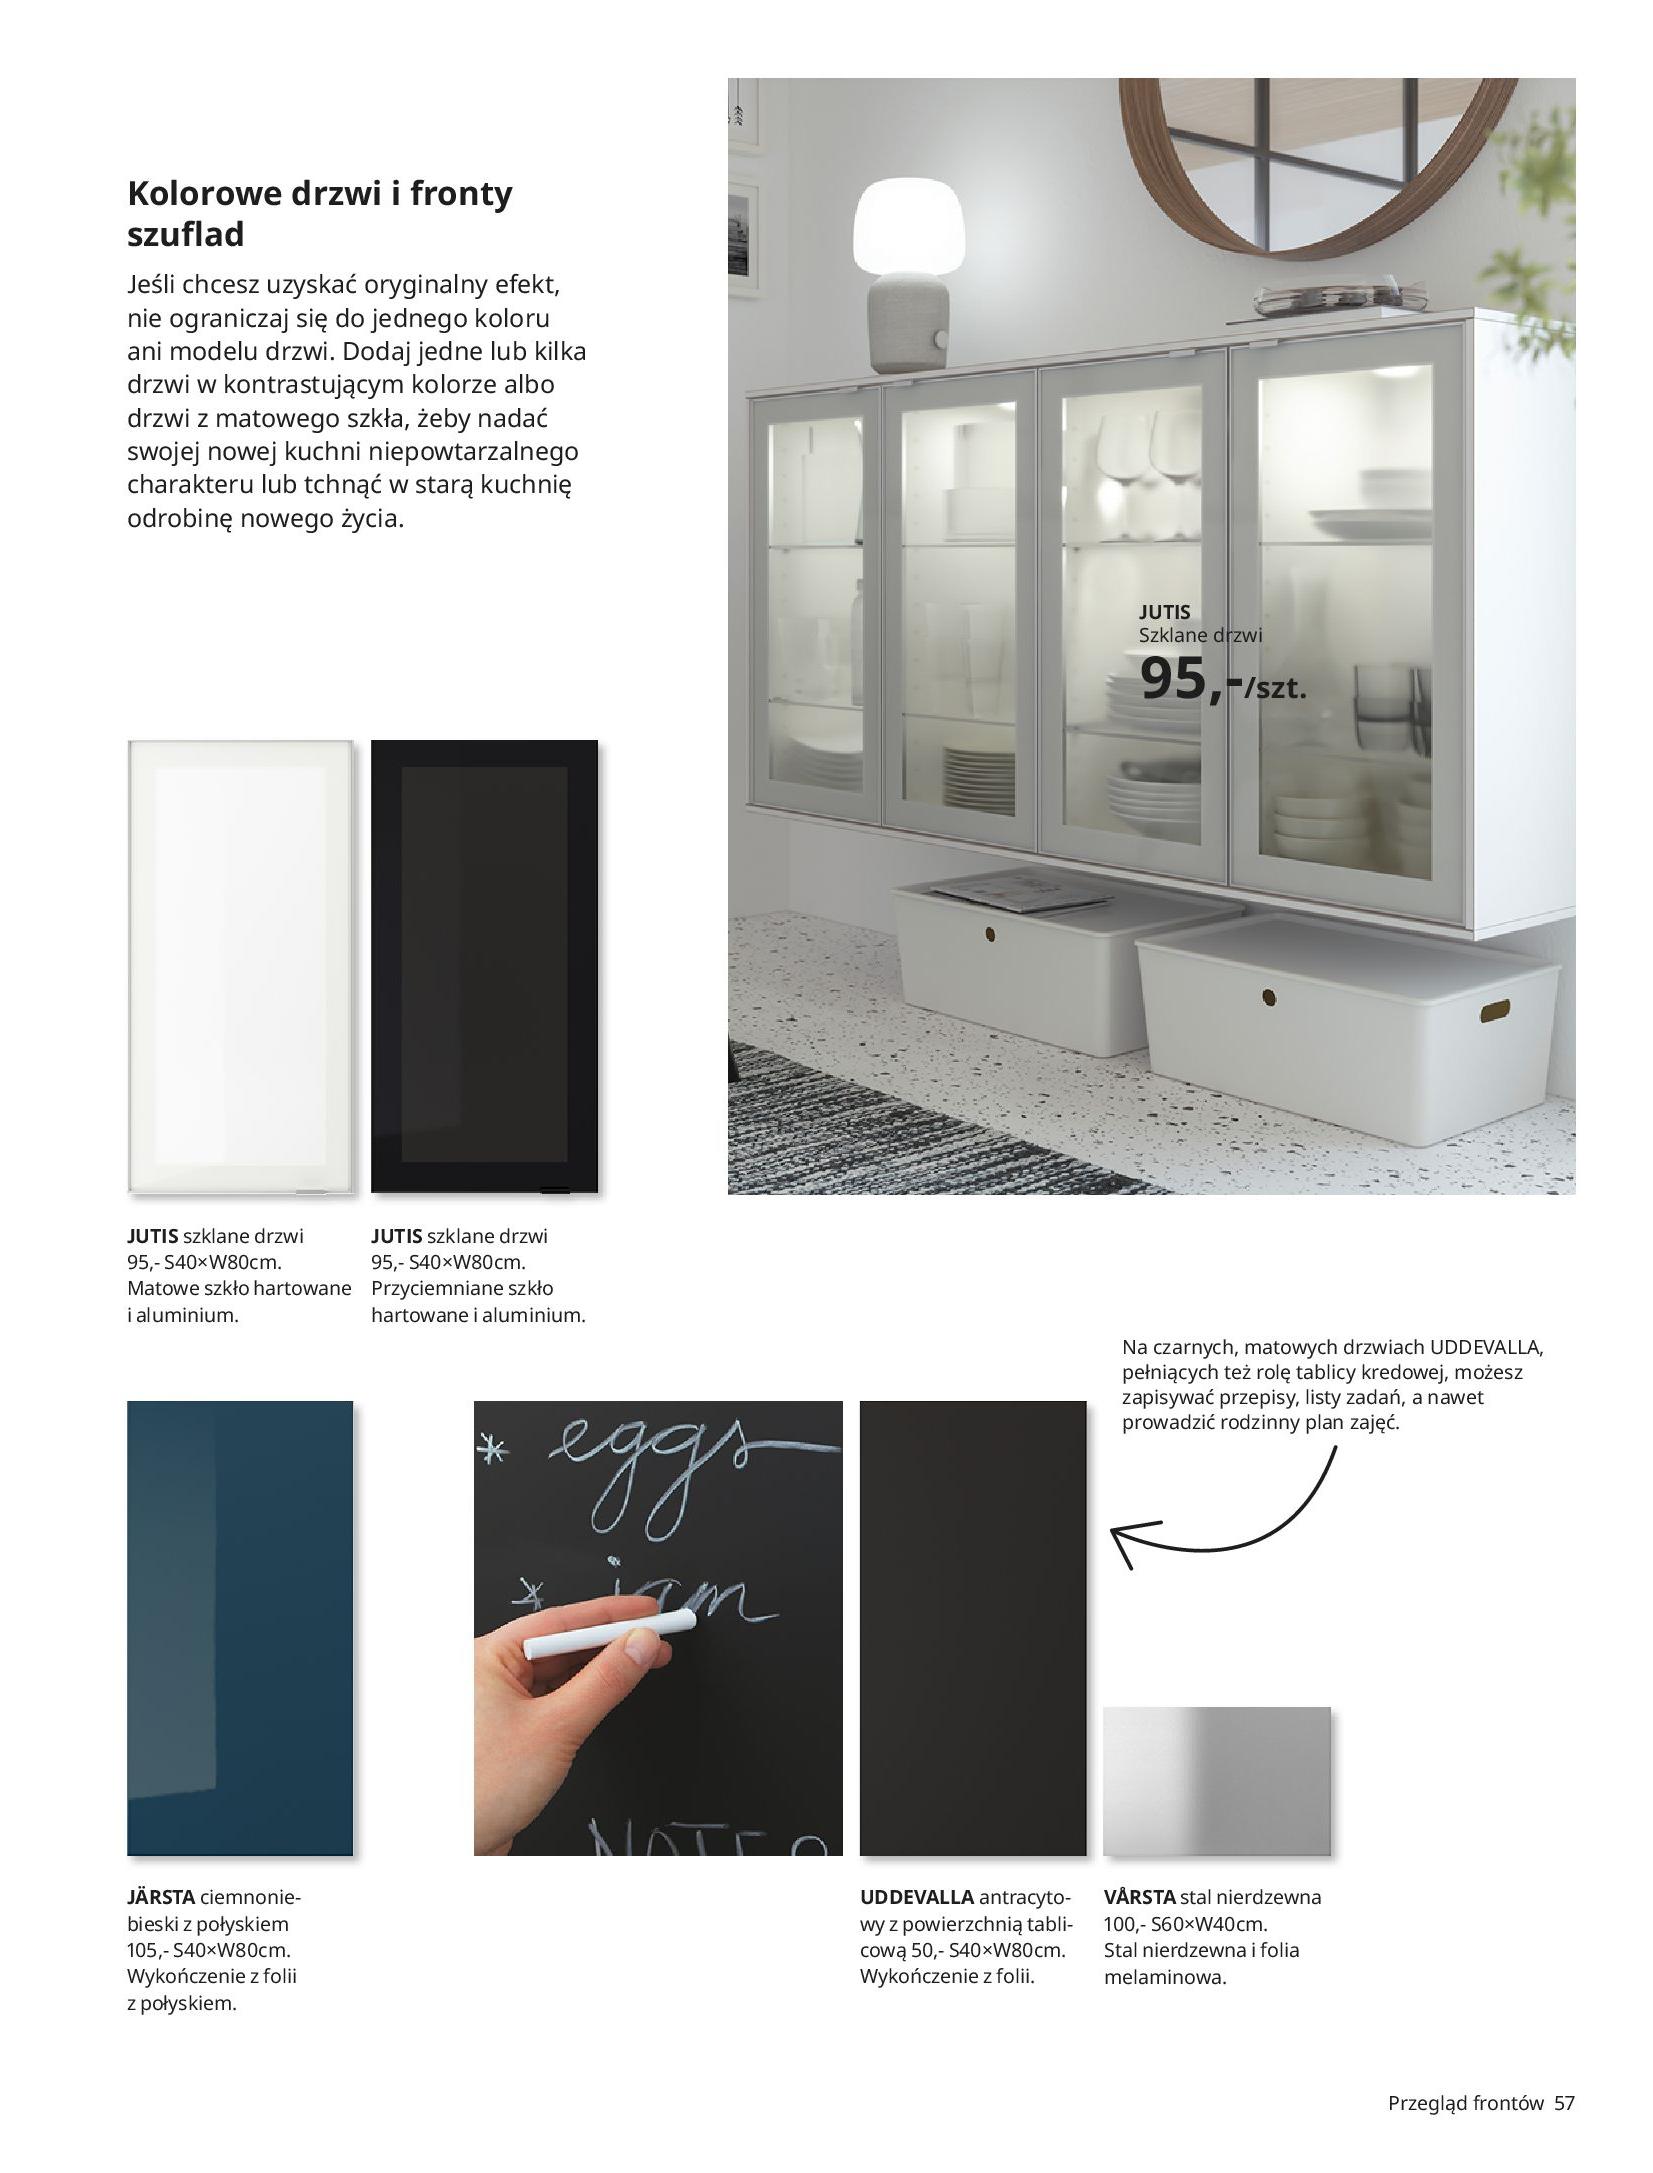 Gazetka IKEA: KUCHNIE 2021 2021-01-13 page-57